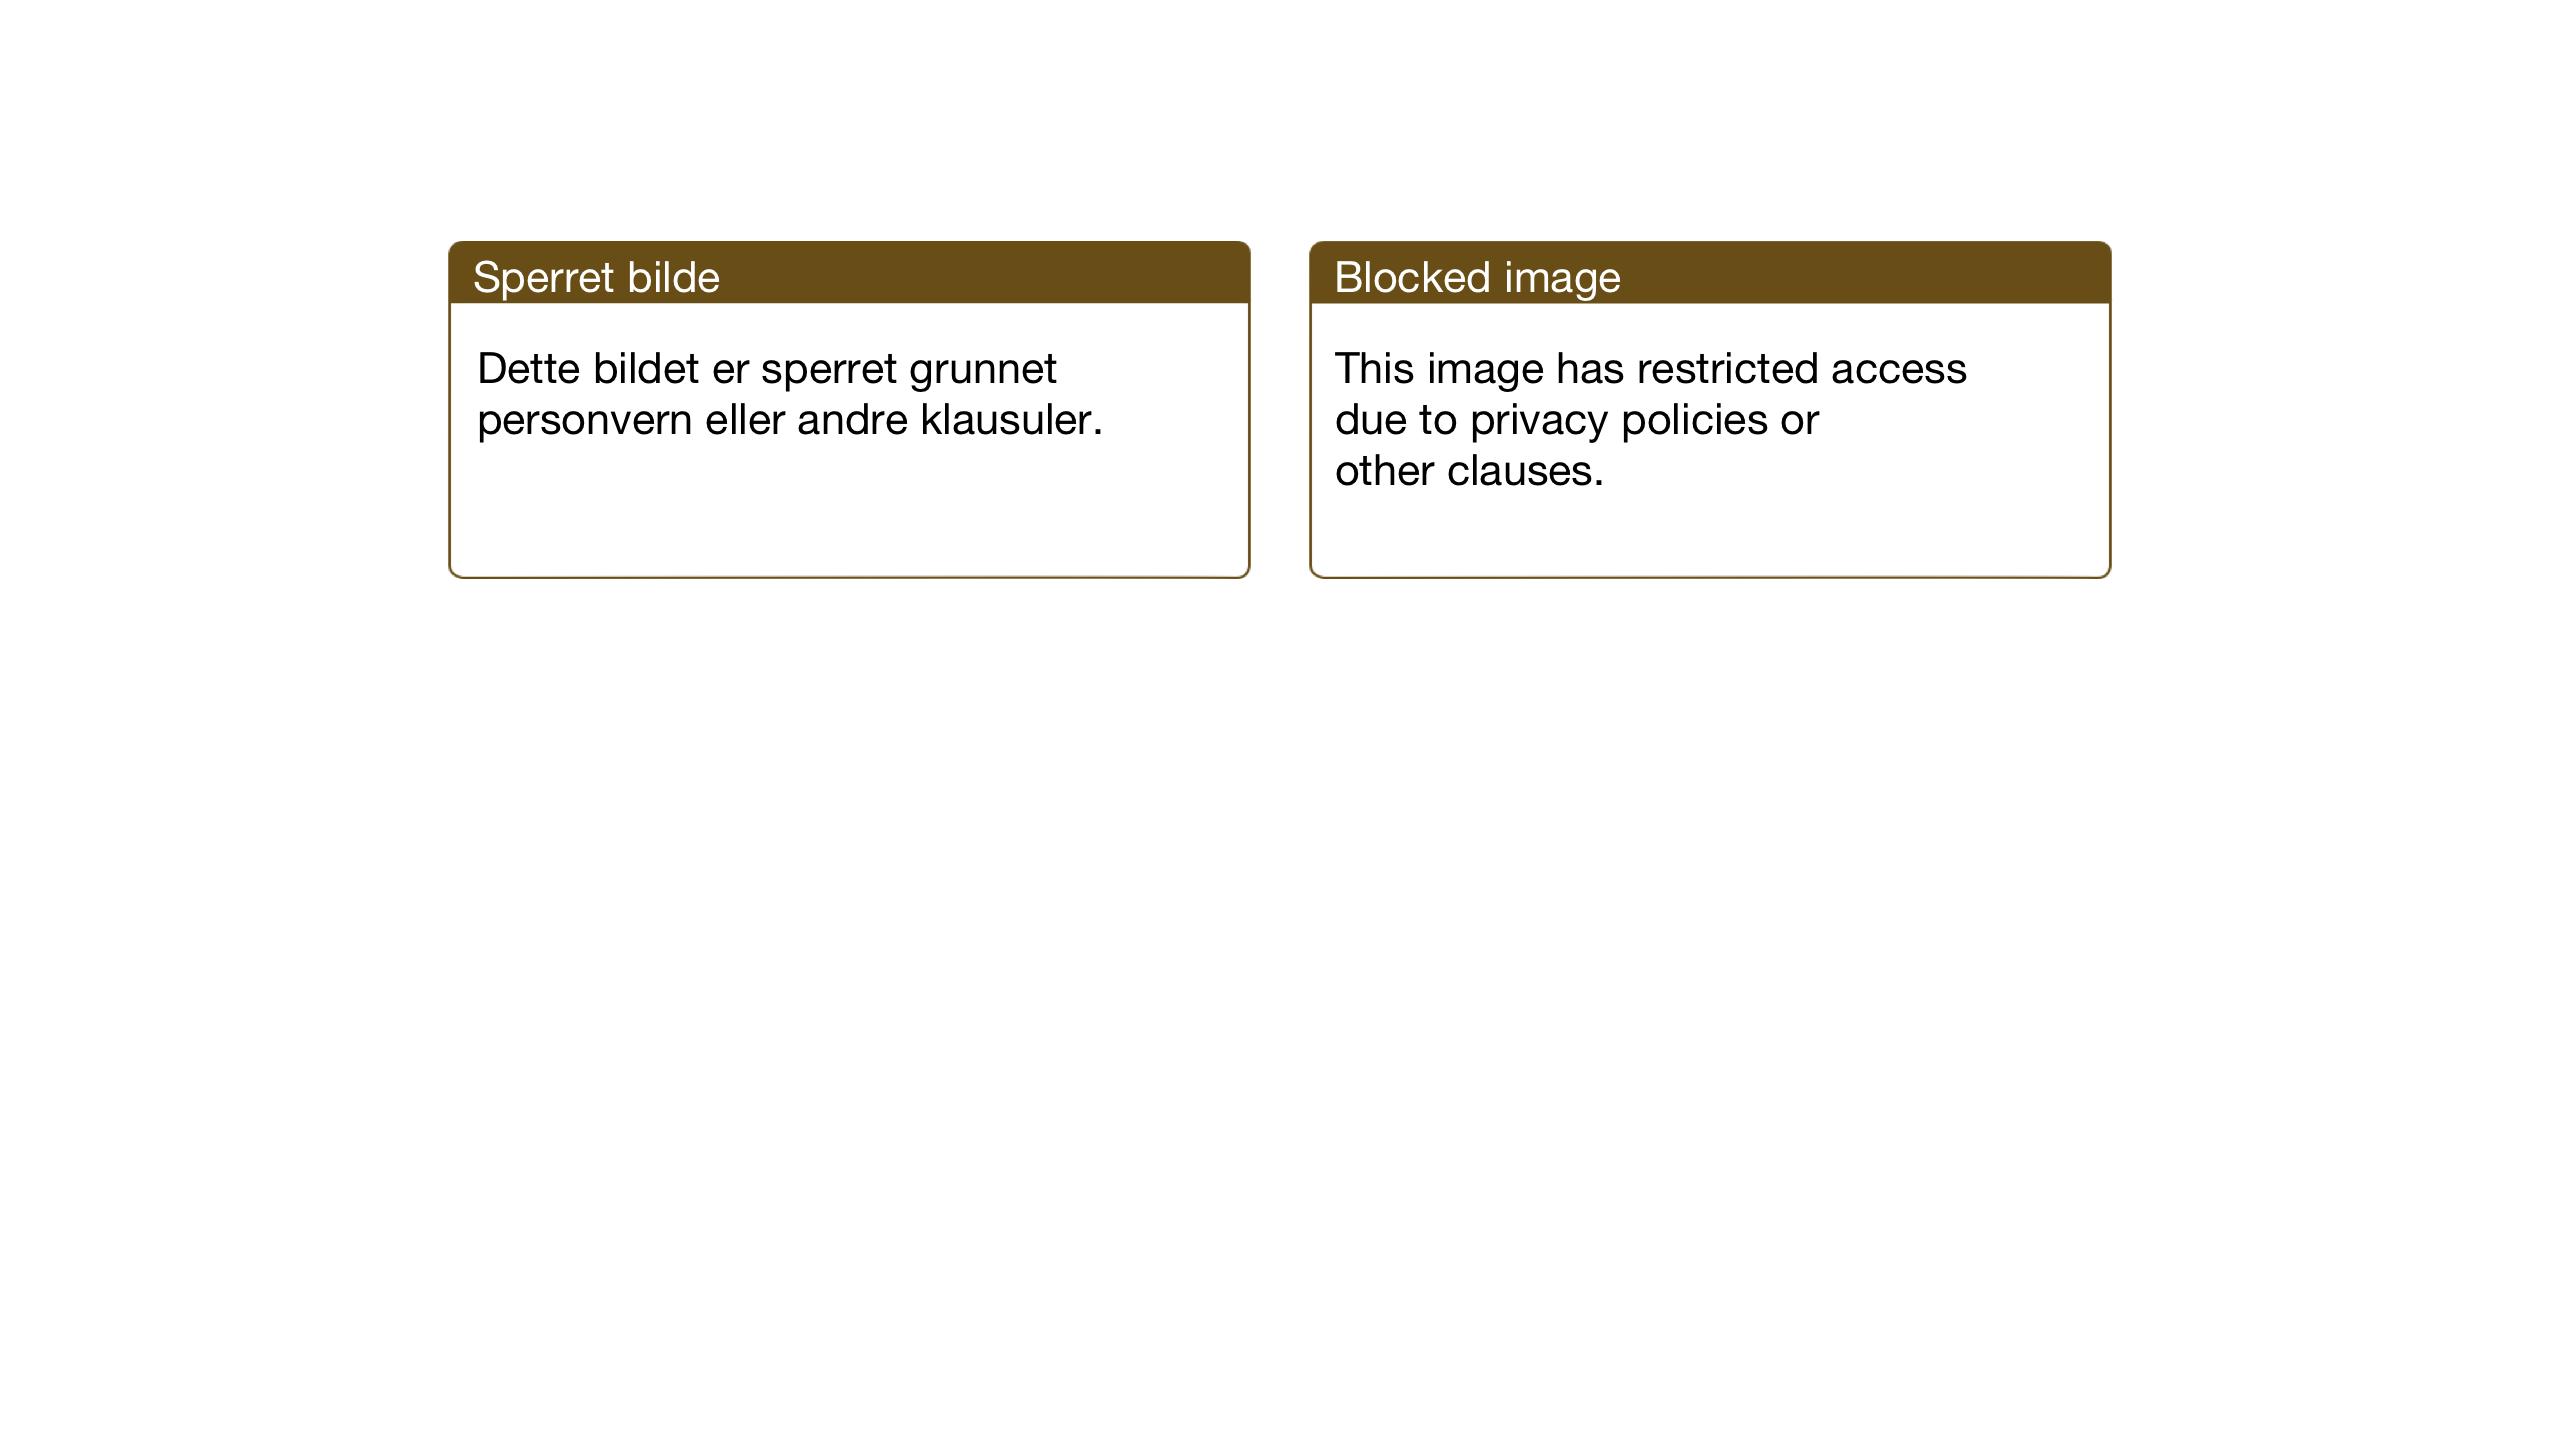 SAT, Ministerialprotokoller, klokkerbøker og fødselsregistre - Sør-Trøndelag, 698/L1169: Klokkerbok nr. 698C06, 1930-1949, s. 13